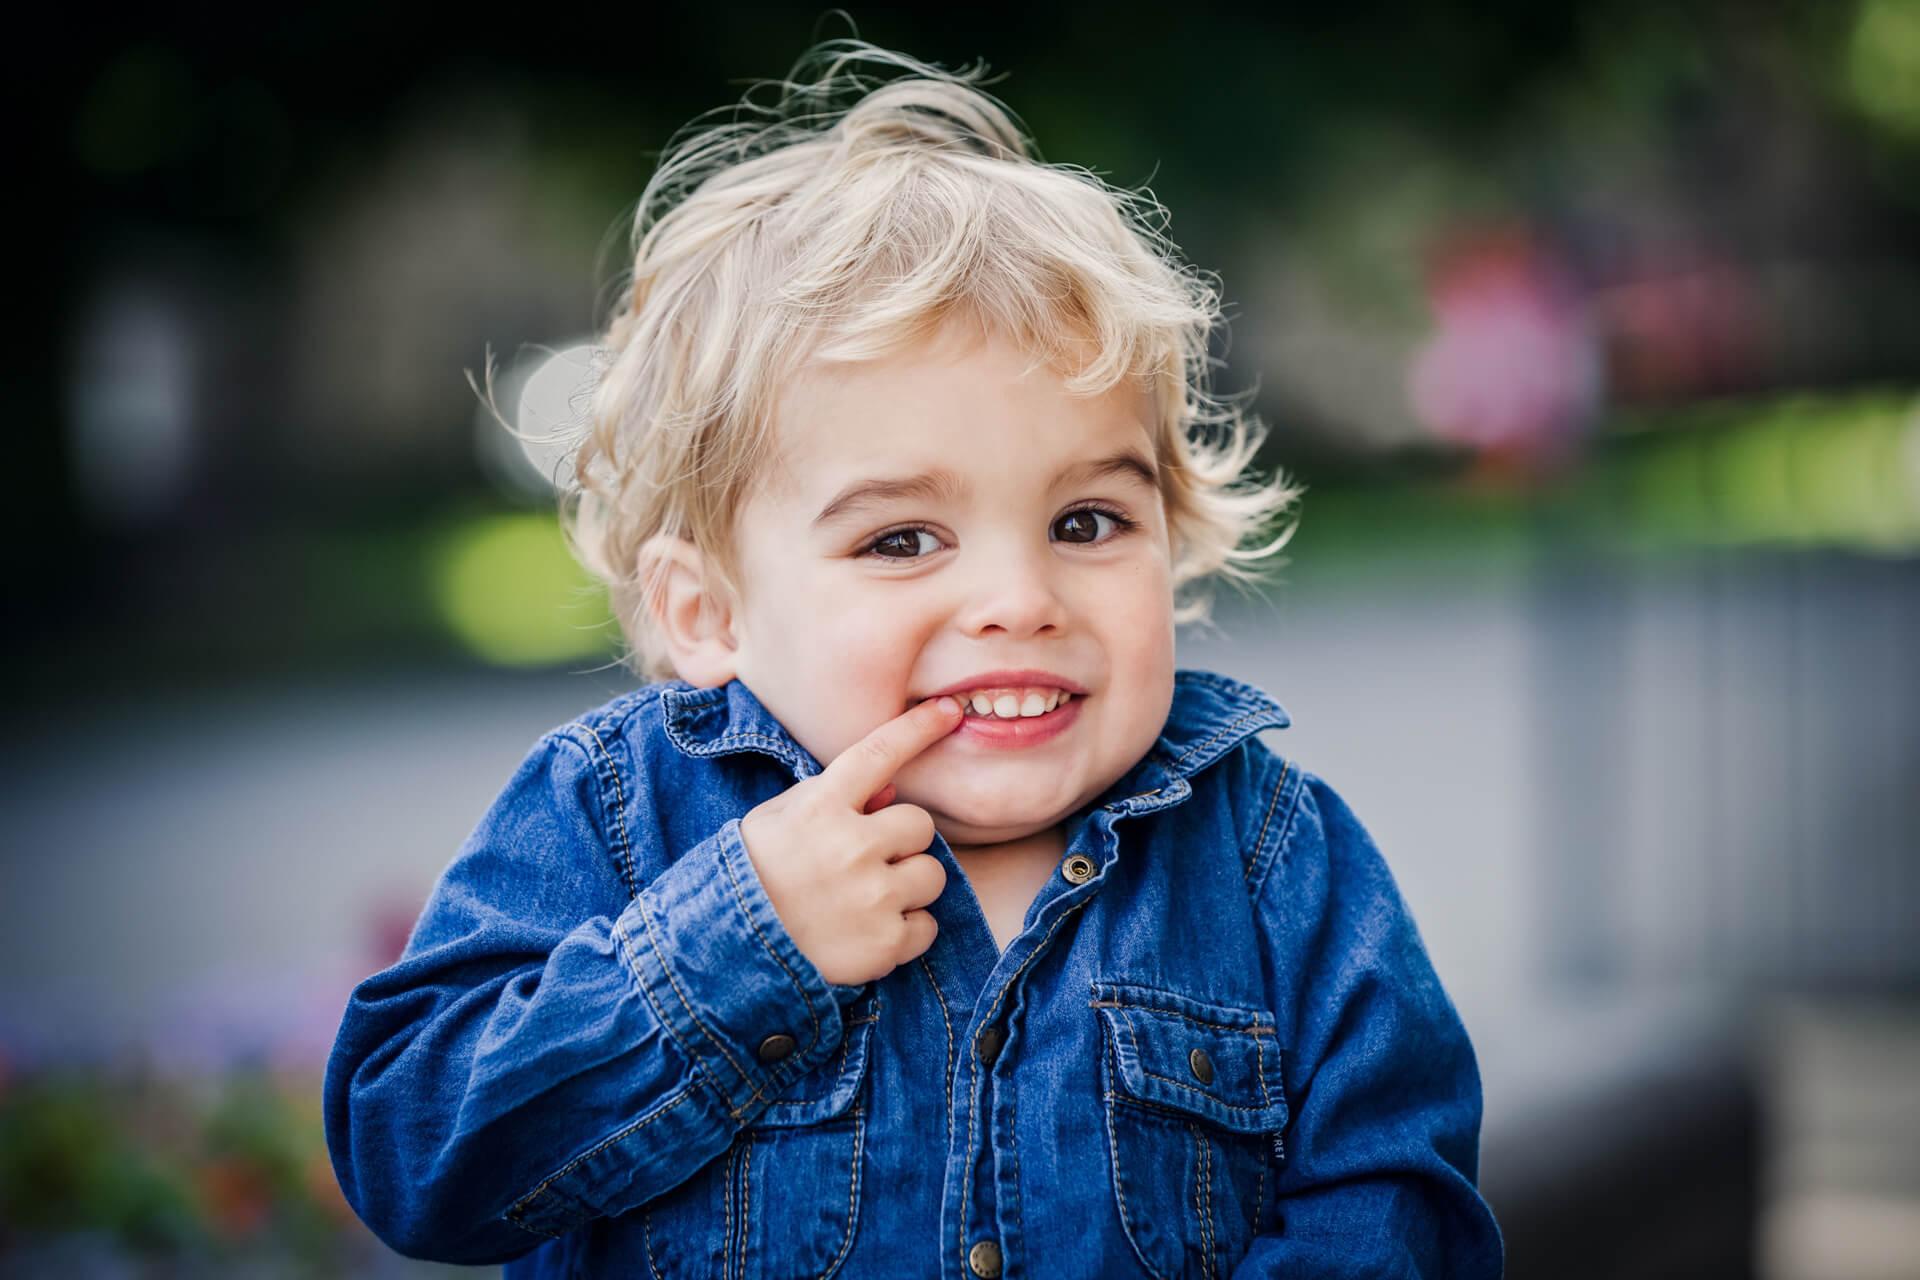 small boy smiling at the camera